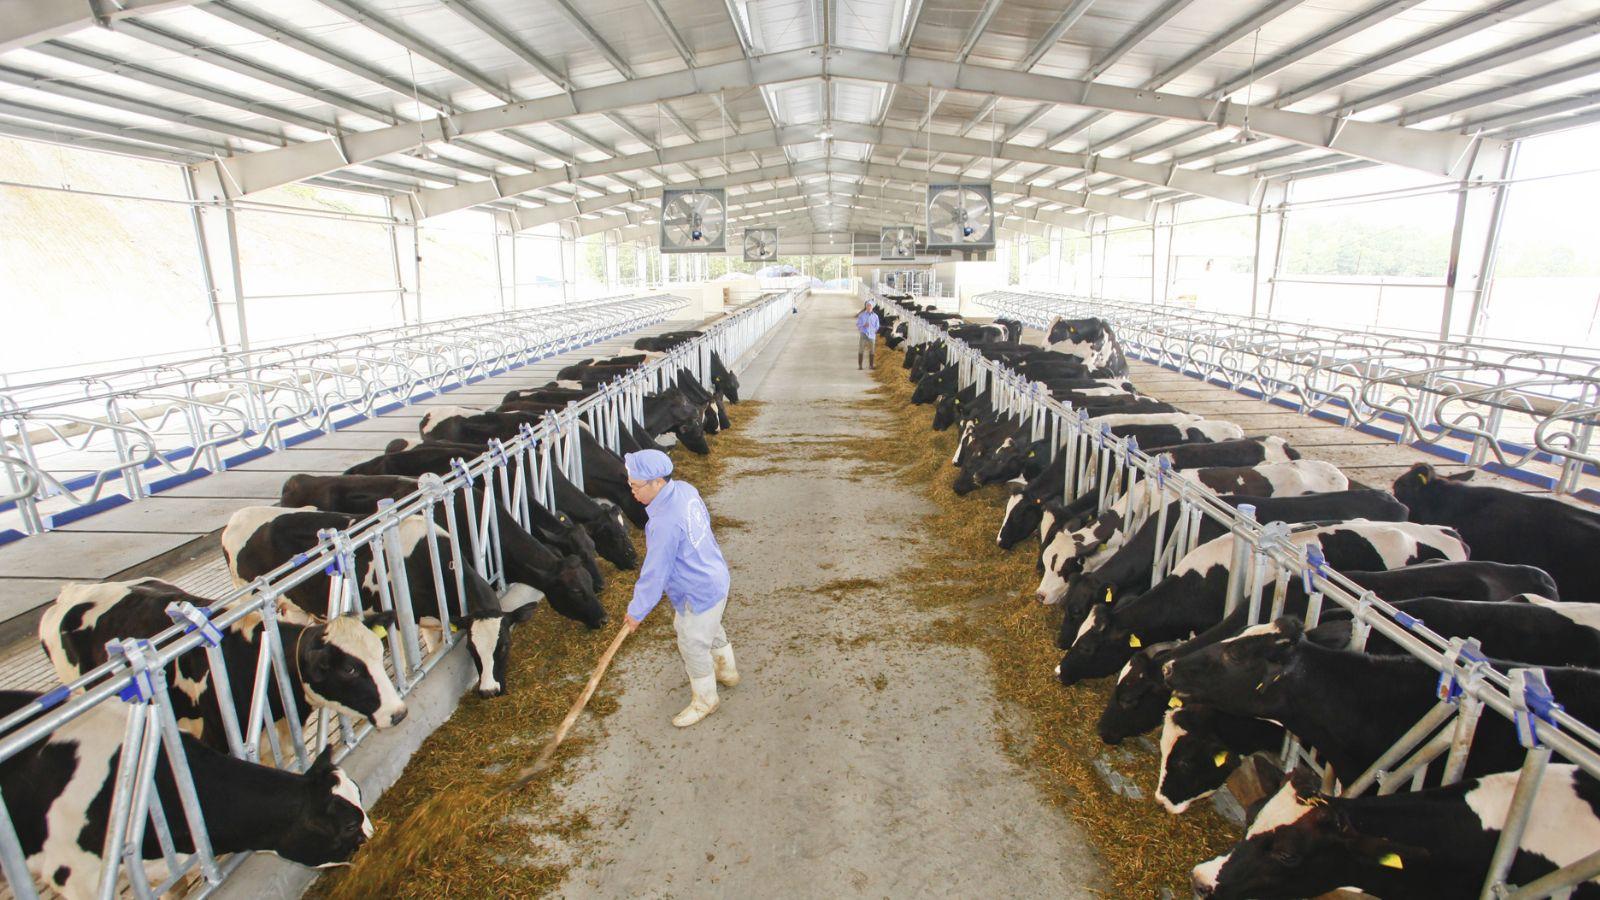 [xkldquocte] Xuẩt khẩu lao động Nhật Bản - Tuyển 25 nữ đi đơn hàng chăn nuôi bò sữa tại Hokkaido - Nhật Bản 2019